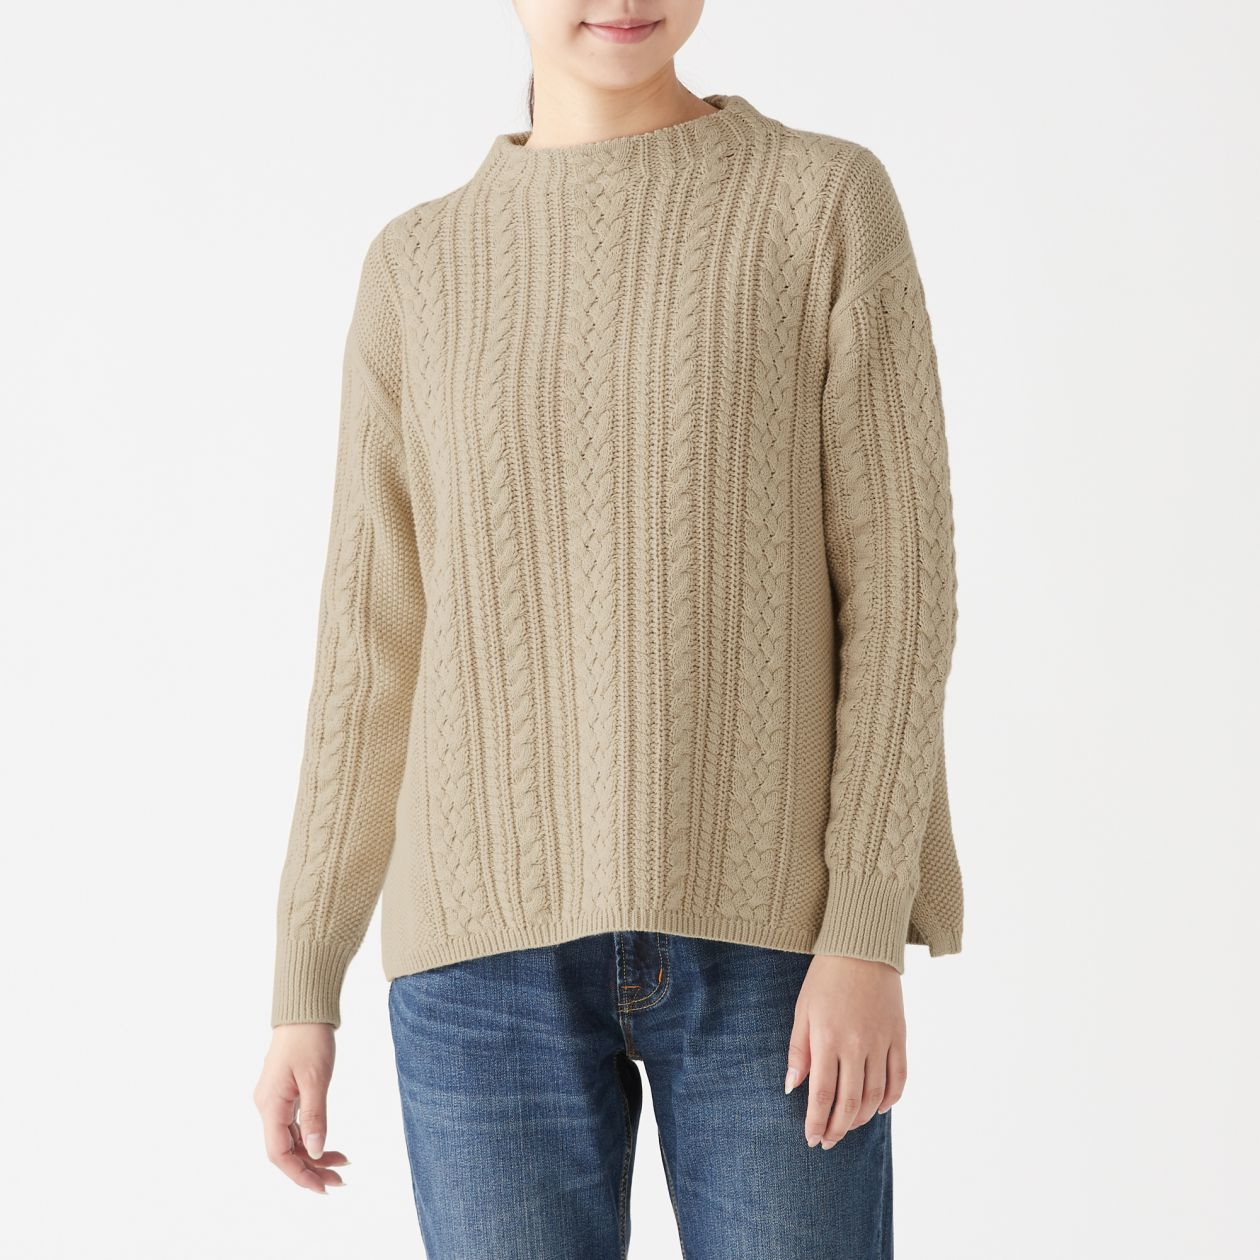 ケーブル柄モックネックセーター